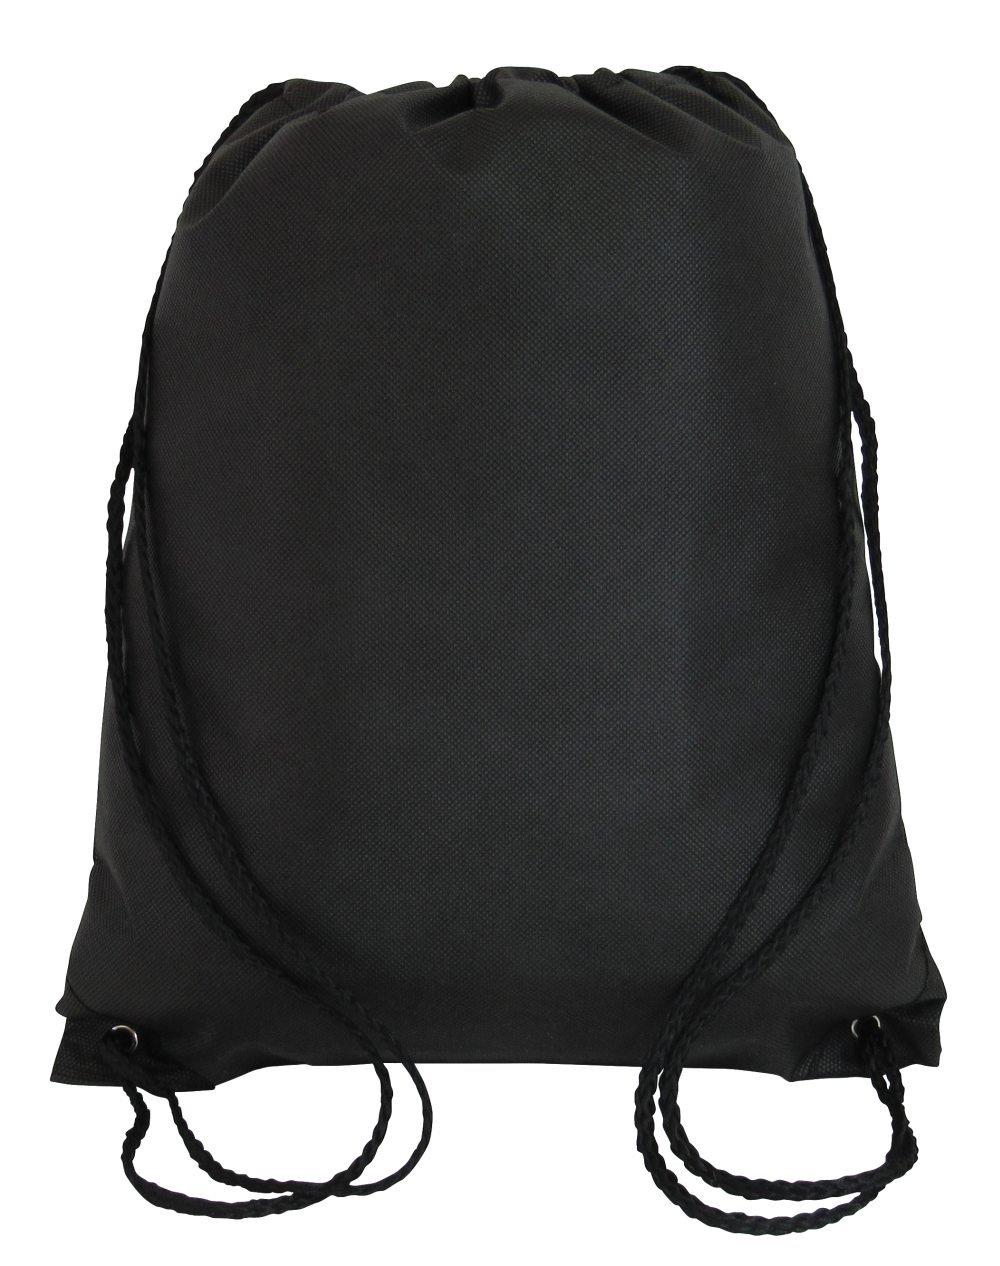 DrawstringバックパックCinchデイパック軽量ジム袋バッグトレーニング、スポーツ、旅行 ブラック B071JMGQYR ブラック|3 ブラック